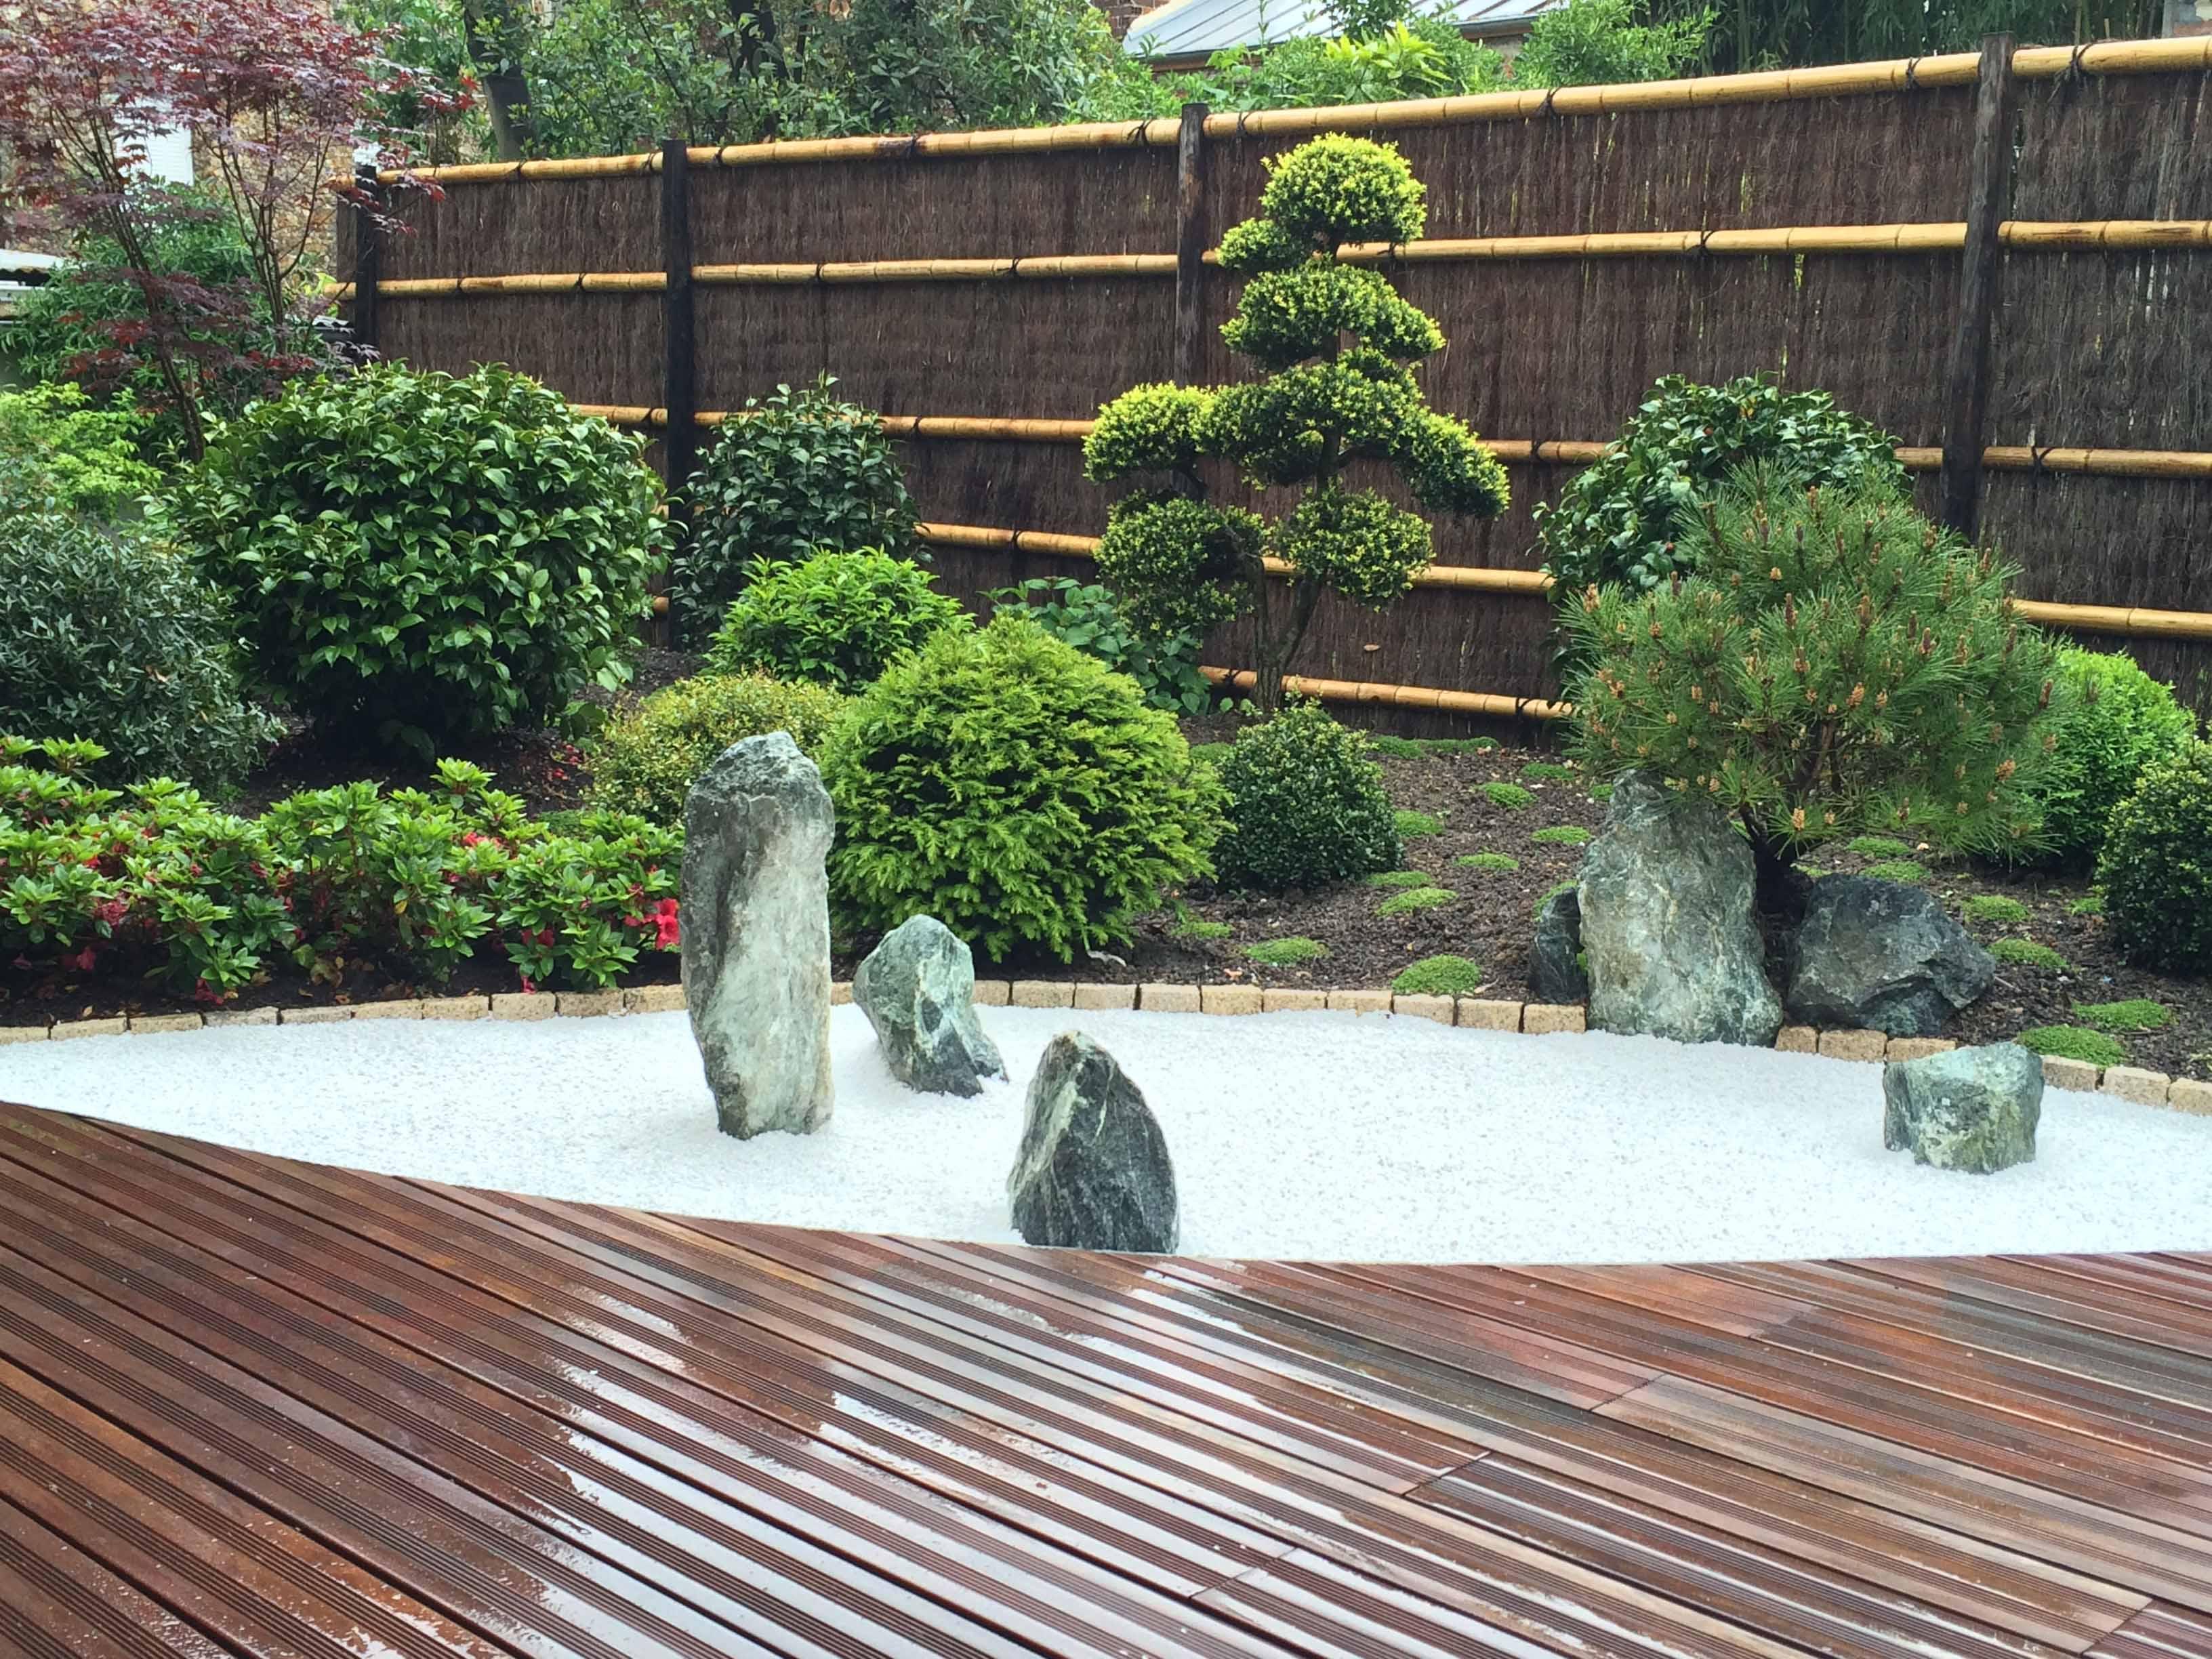 Jardin japonais rennes stunning jardin japonais rennes for Jardin japonais marseille